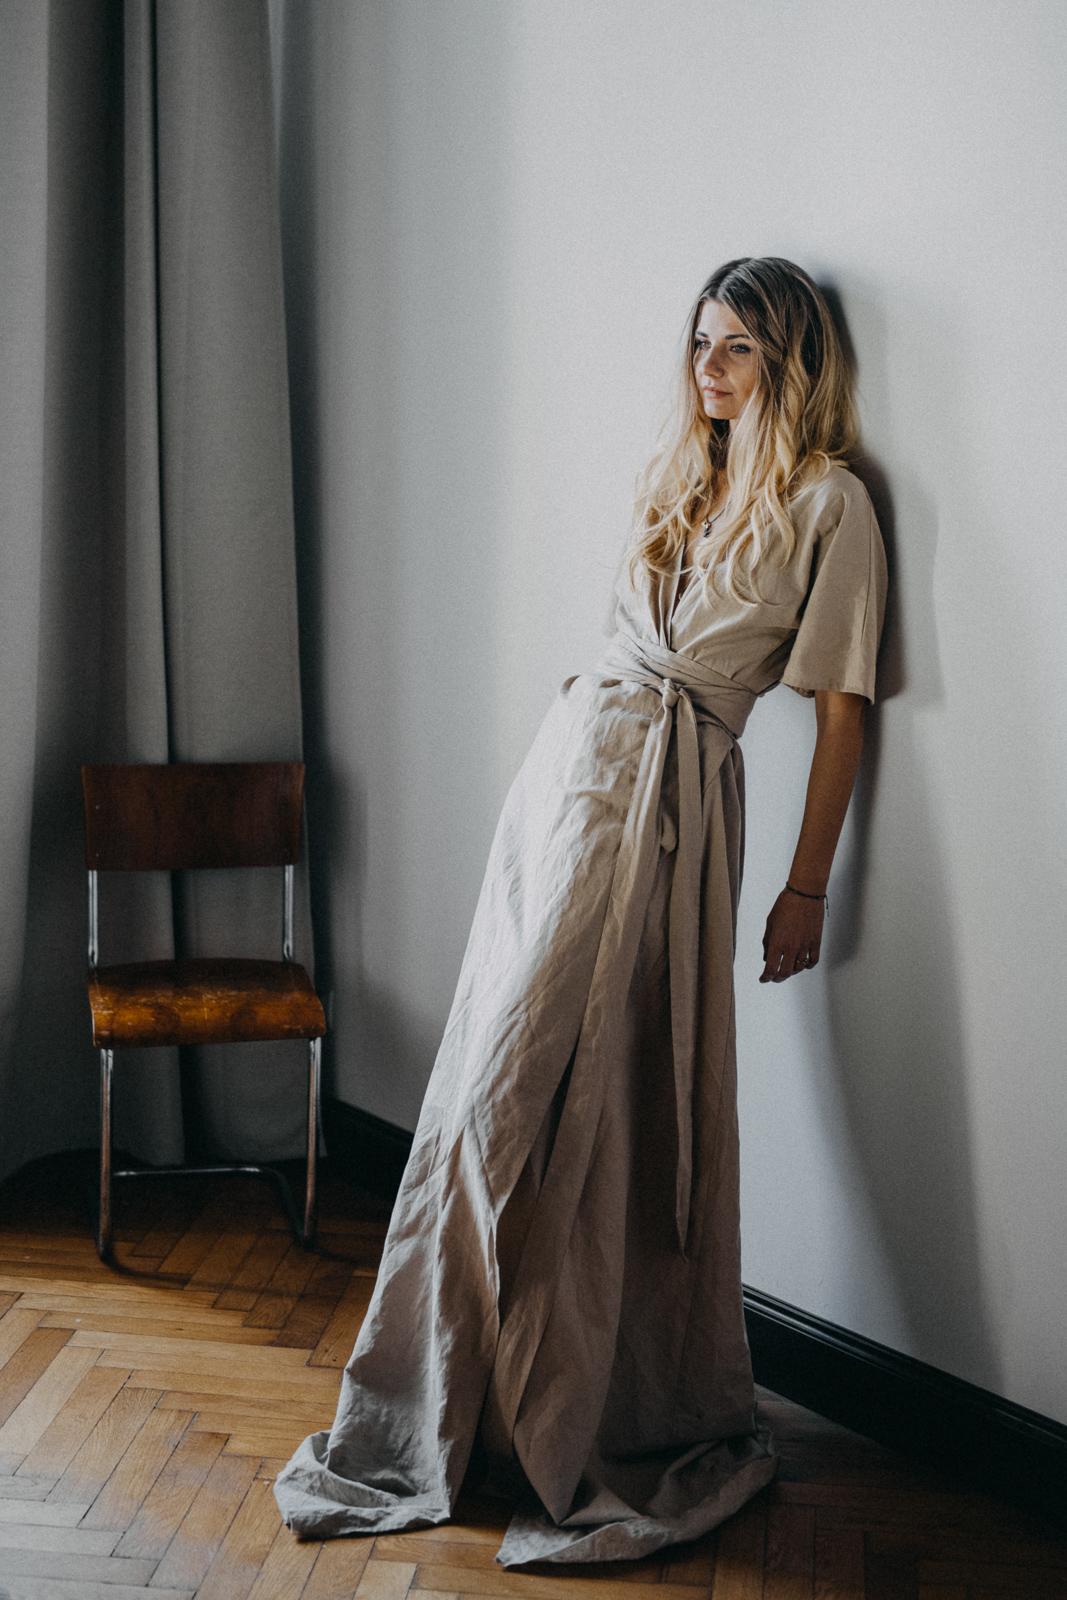 Weconcept & Puf creatif, Dress by Zuzana Hubena